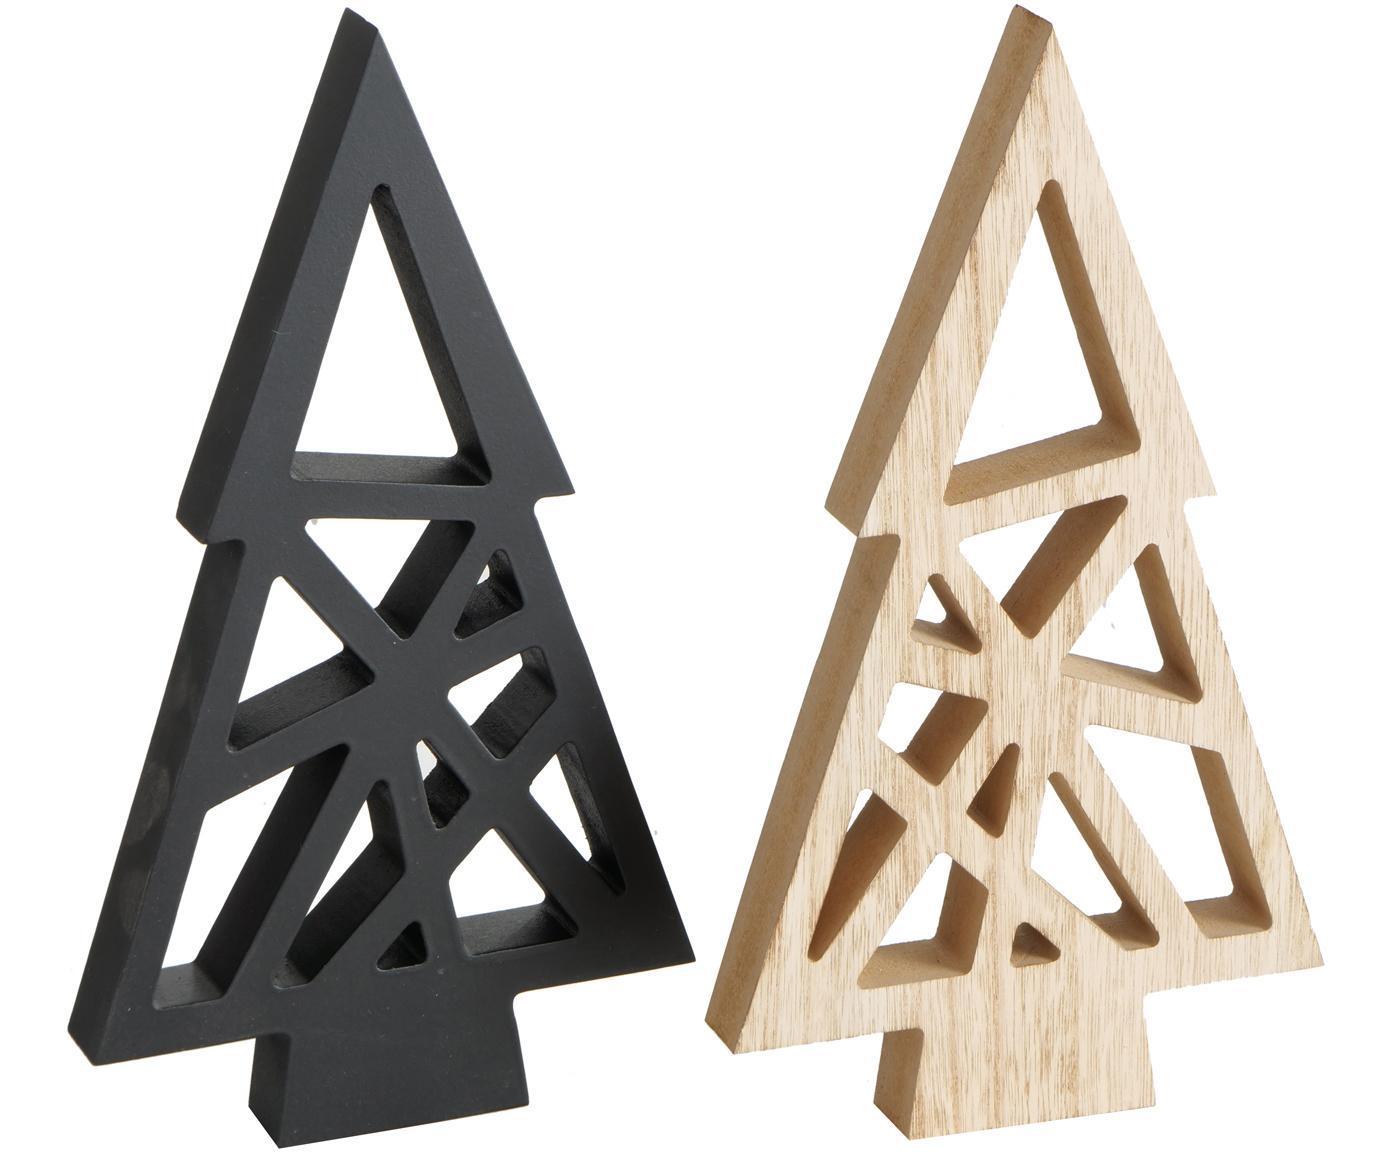 Set 2 oggetti decorativi Grafik, Pannello di fibra a media densità (MDF), Marrone chiaro, nero, Larg. 17 x Alt. 30 cm